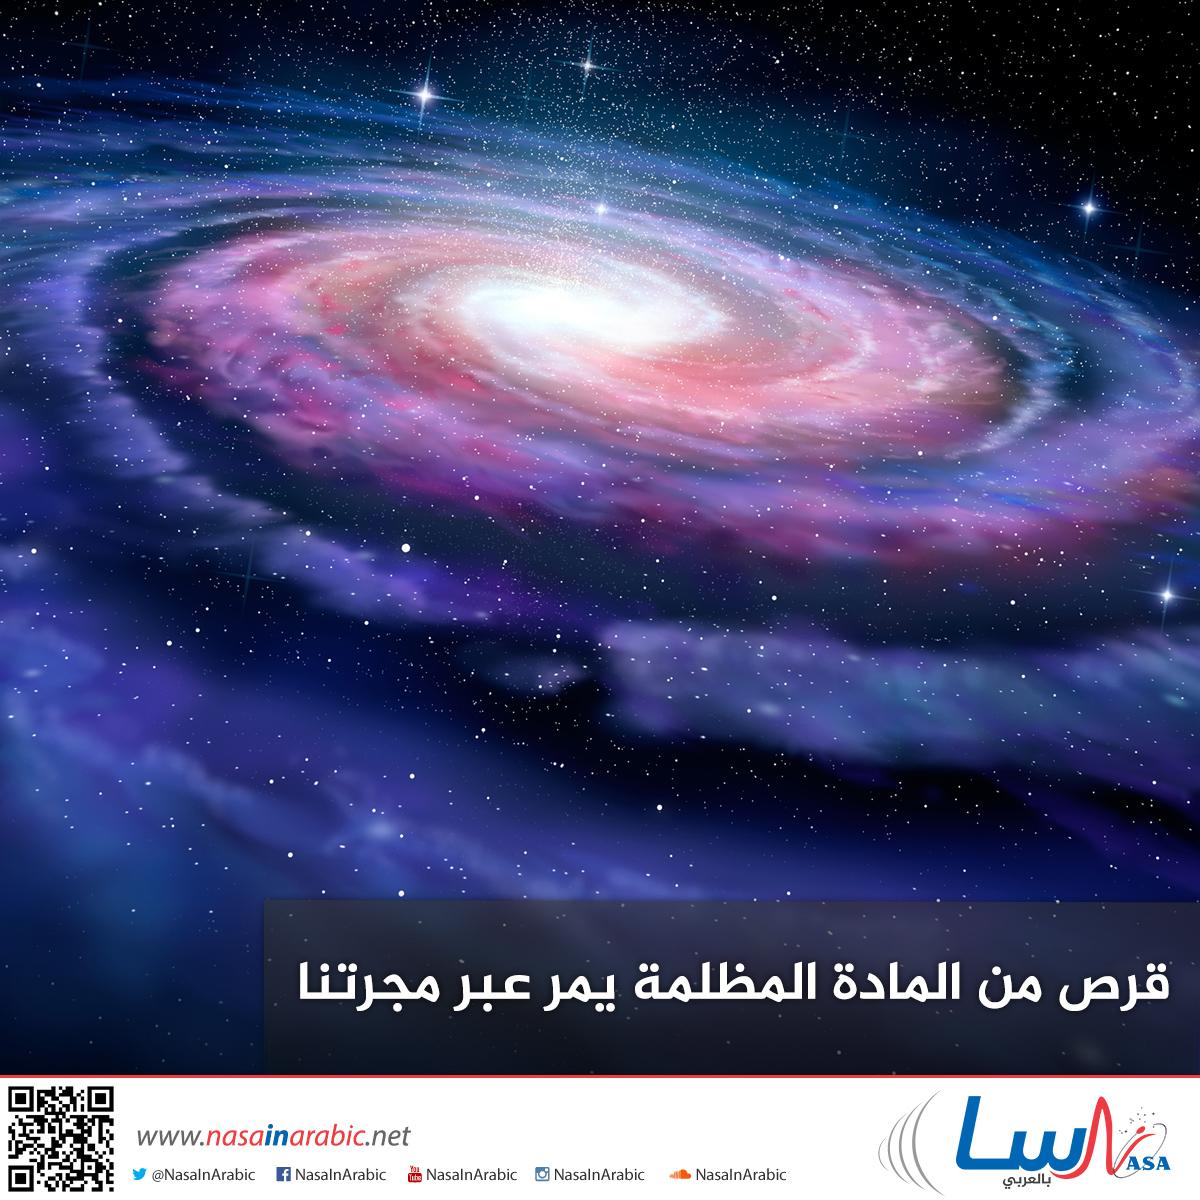 قرص من المادة المظلمة يمر عبر مجرتنا